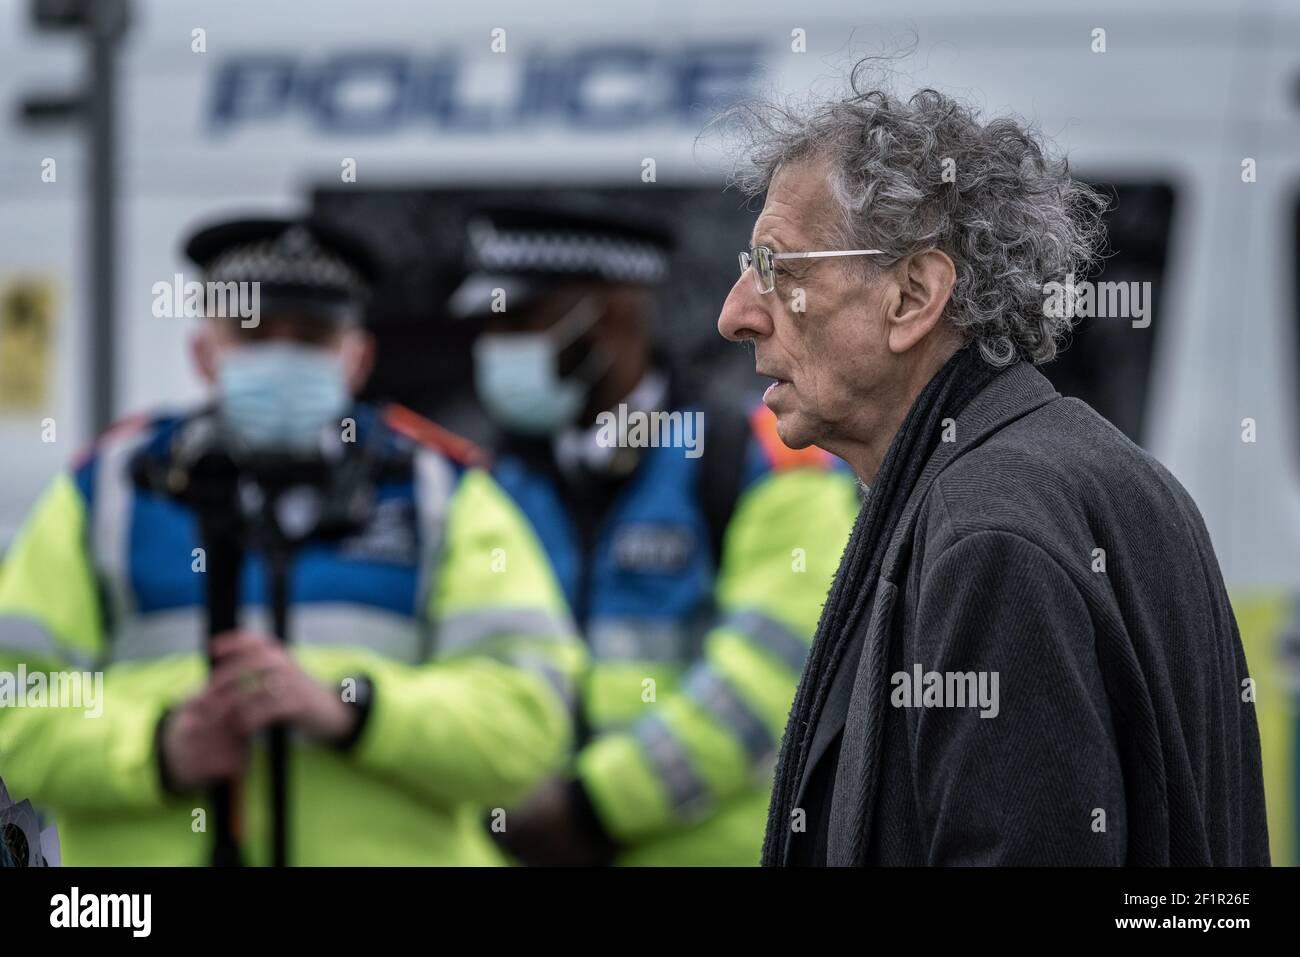 Coronavirus: Piers Corbyn nimmt an einer versuchten Anti-Lockdown-Veranstaltung von 20-30 Demonstranten auf Richmond Green im Südosten von London, Großbritannien, Teil. Stockfoto